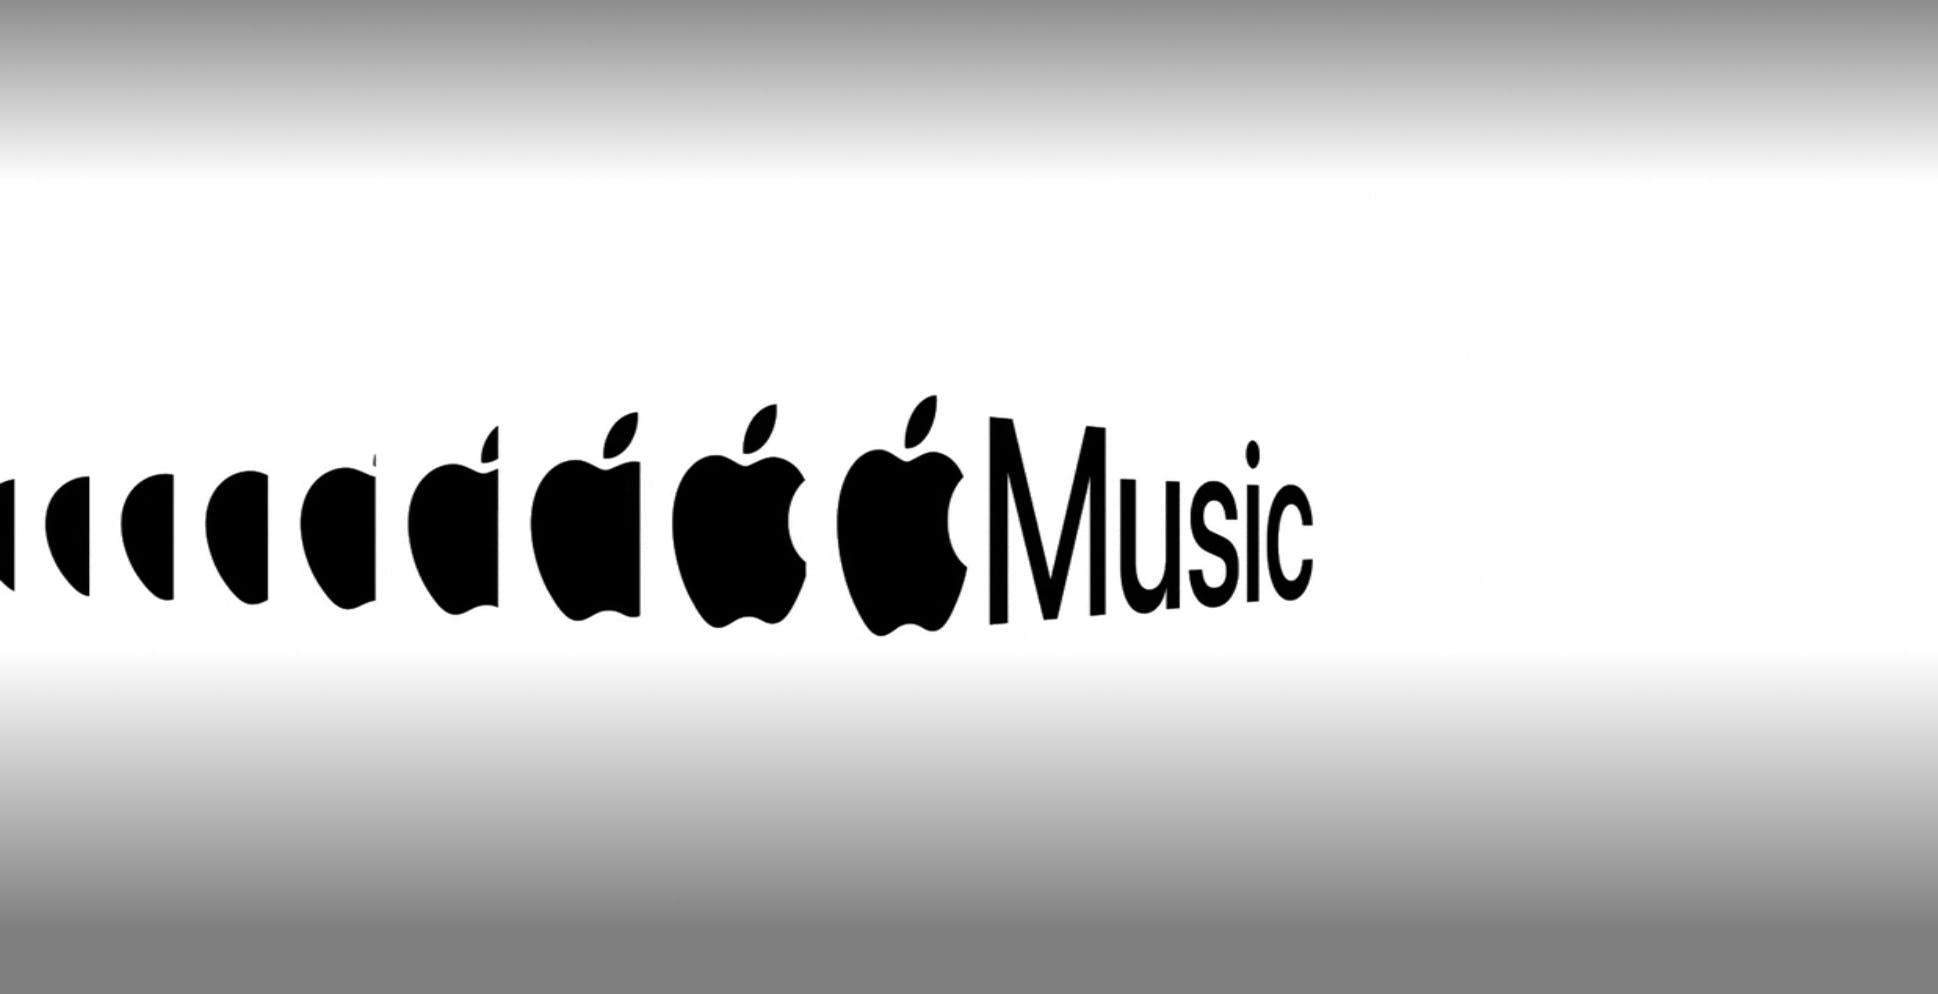 Apple Music potrebbe presto offrire audio lossless Hi-Res e Dolby Atmos. Il segreto nel codice della web app